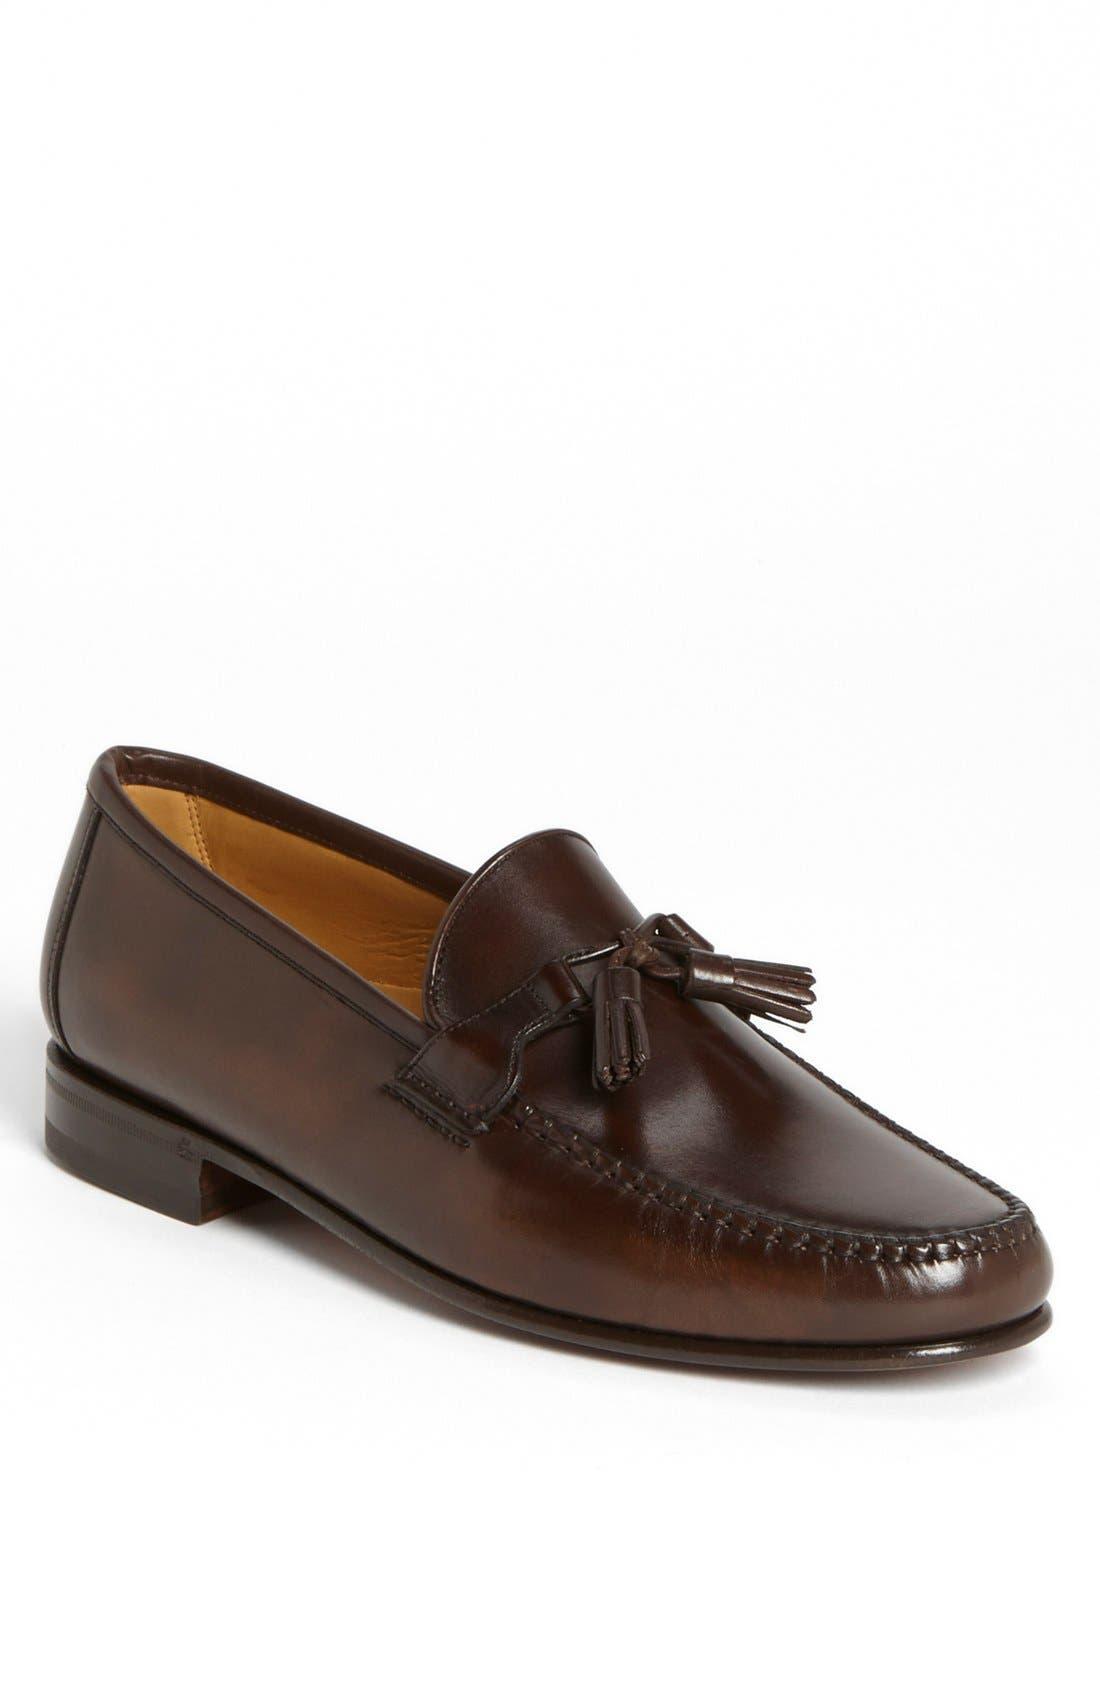 Alternate Image 1 Selected - Allen Edmonds 'Urbino' Tassel Loafer (Men)